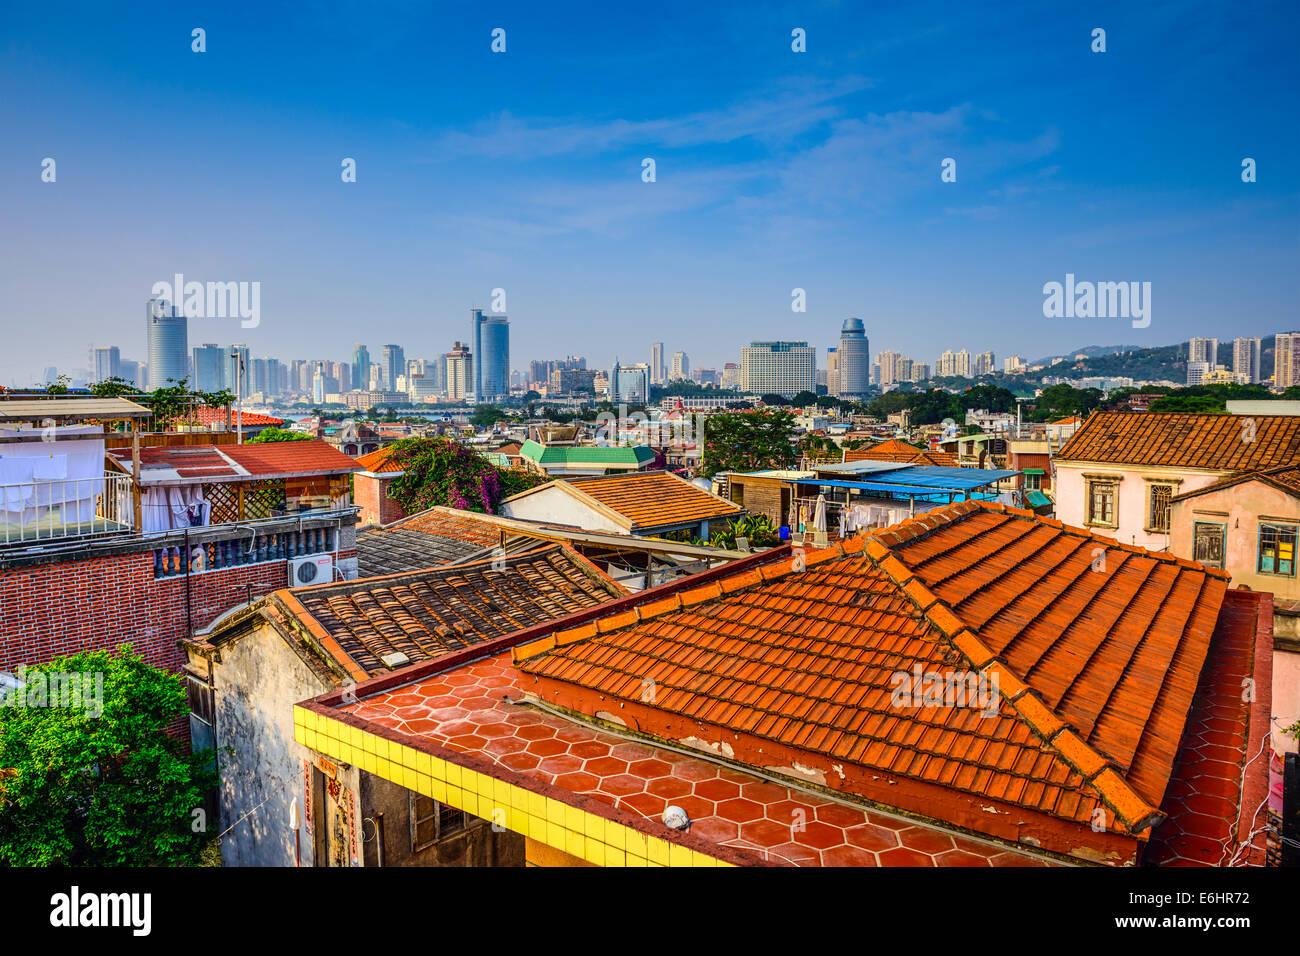 Xiamen, China cityscape from Gulangyu Island. - Stock Image